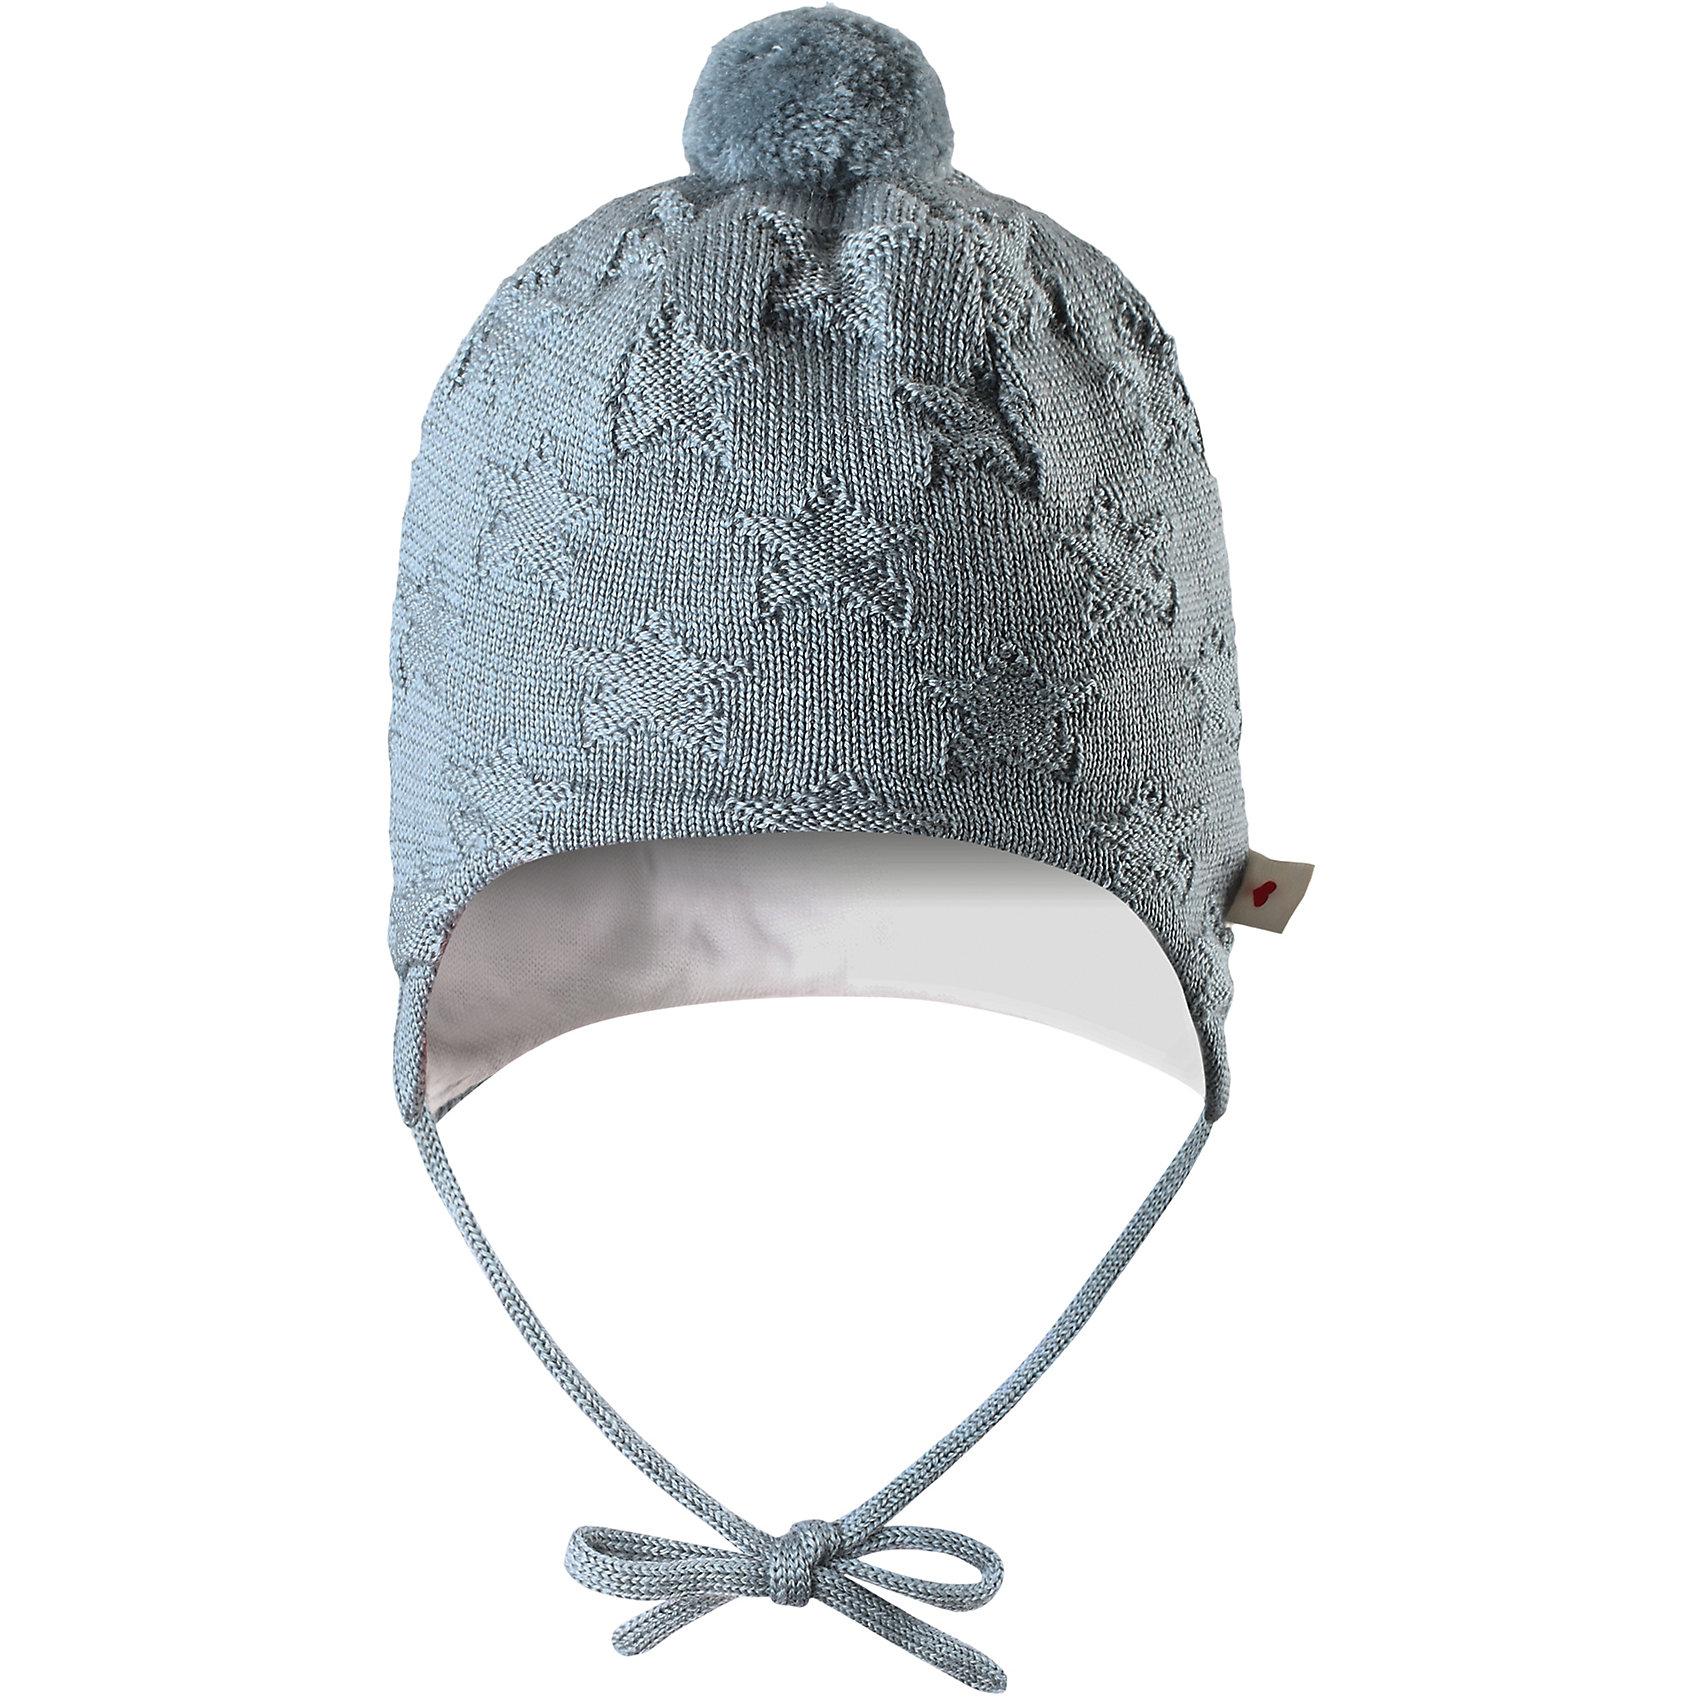 Шапка Lintu ReimaШапки и шарфы<br>Шапка  Reima<br>Шапка «Бини» для самых маленьких. Ткань из смеси мериносовой шерсти сохраняет тепло даже при намокании. Шерсть идеально поддерживает температуру. Теплая шерстяная вязка (волокно). Основной материал сертифицирован Oeko-Tex, класс 1, одежда для малышей. Любые размеры. Мягкая подкладка из хлопка и эластана. Задние швы отсутствуют. Логотип Reima® сбоку. Милый вязаный узор. Помпон сверху. Интересная структура поверхности.<br>Уход:<br>Стирать по отдельности, вывернув наизнанку. Придать первоначальную форму вo влажном виде. Возможна усадка 5 %.<br>Состав:<br>100% Шерсть<br><br>Ширина мм: 89<br>Глубина мм: 117<br>Высота мм: 44<br>Вес г: 155<br>Цвет: голубой<br>Возраст от месяцев: 2<br>Возраст до месяцев: 4<br>Пол: Унисекс<br>Возраст: Детский<br>Размер: 40-42,44-46,36-38<br>SKU: 4775556